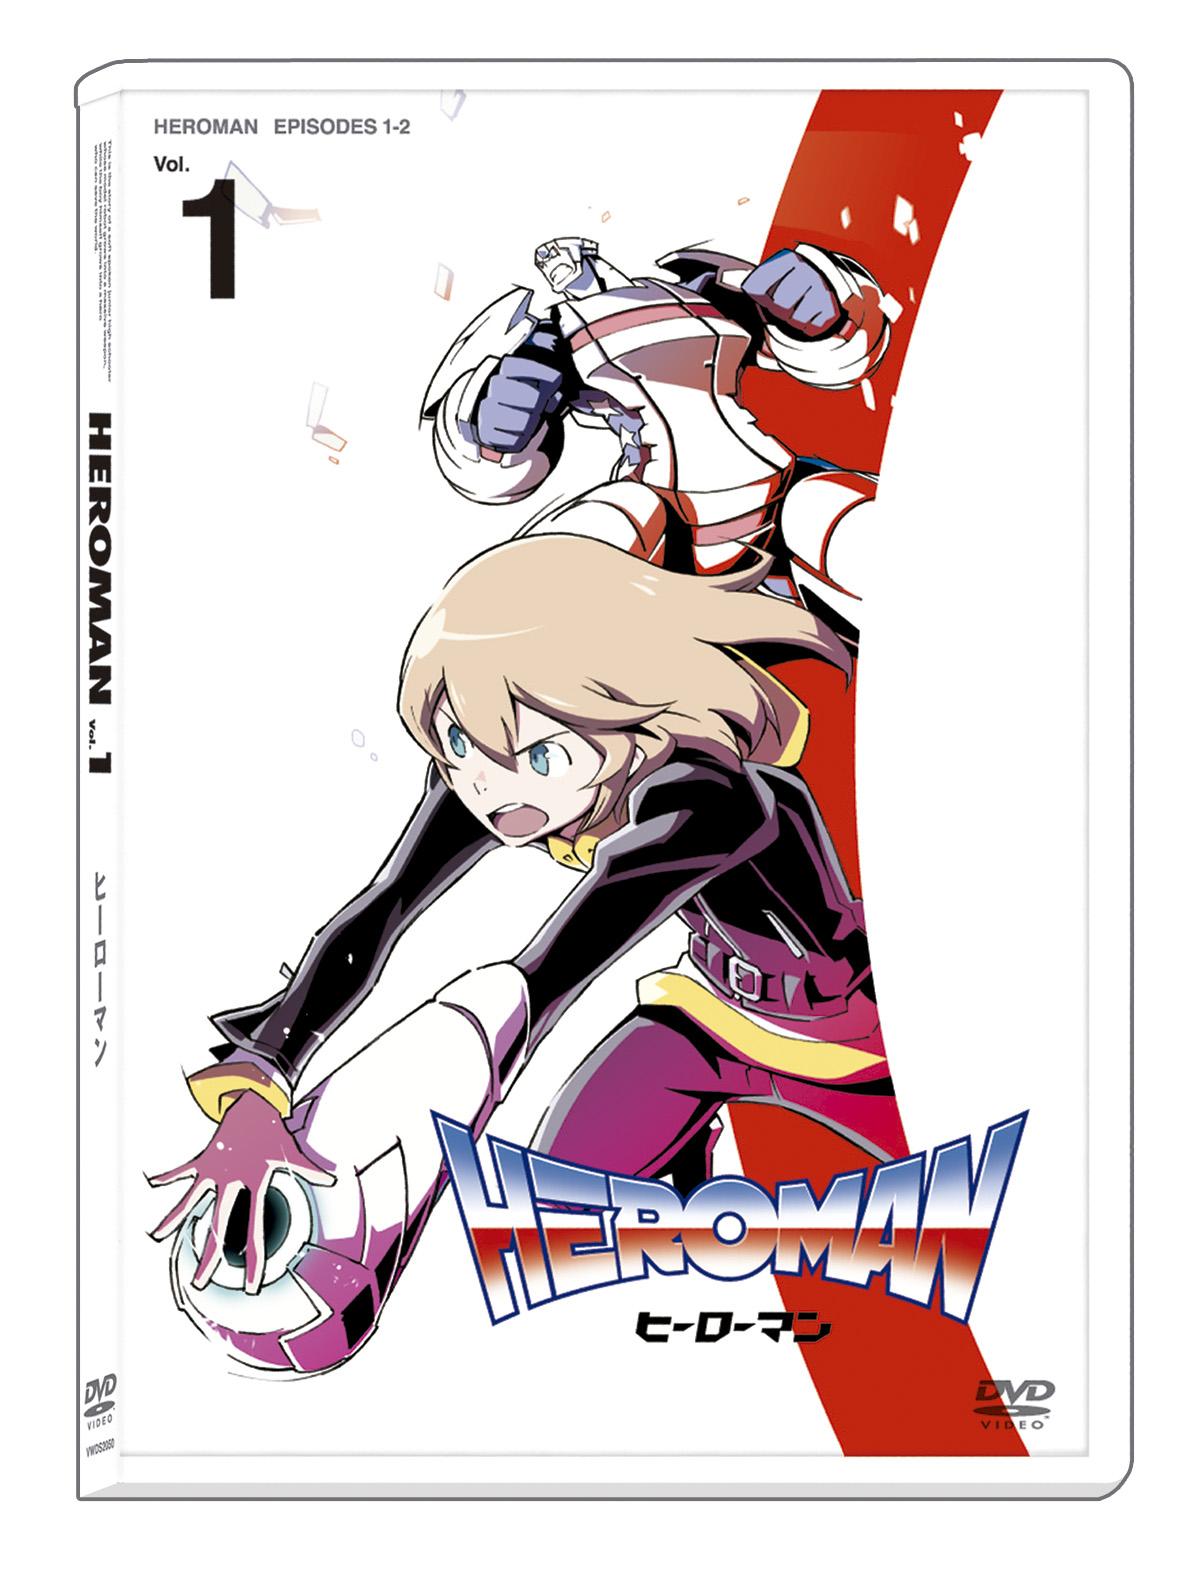 DVD第1巻のジャケット <BR><FONT size=1>(C)B・P・W/ヒーローマン制作委員会・テレビ東京</FONT>